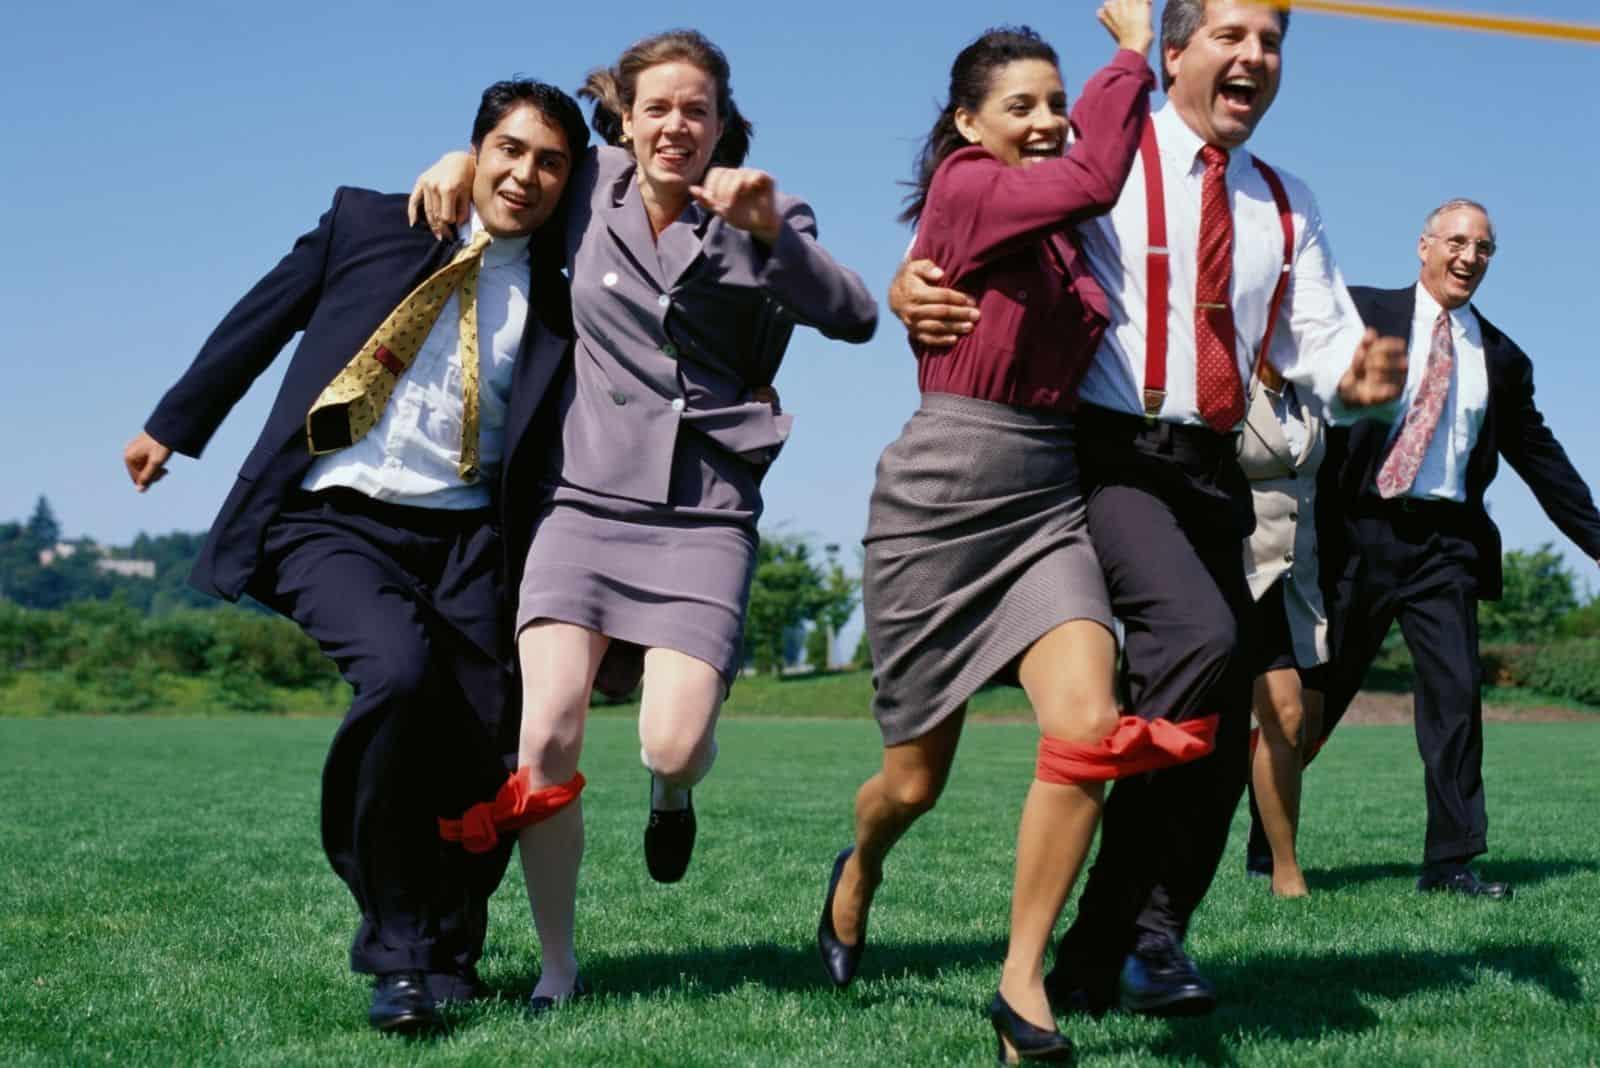 fröhliche Geschäftsleute Dreibeiniges Rennen im Freien spielen